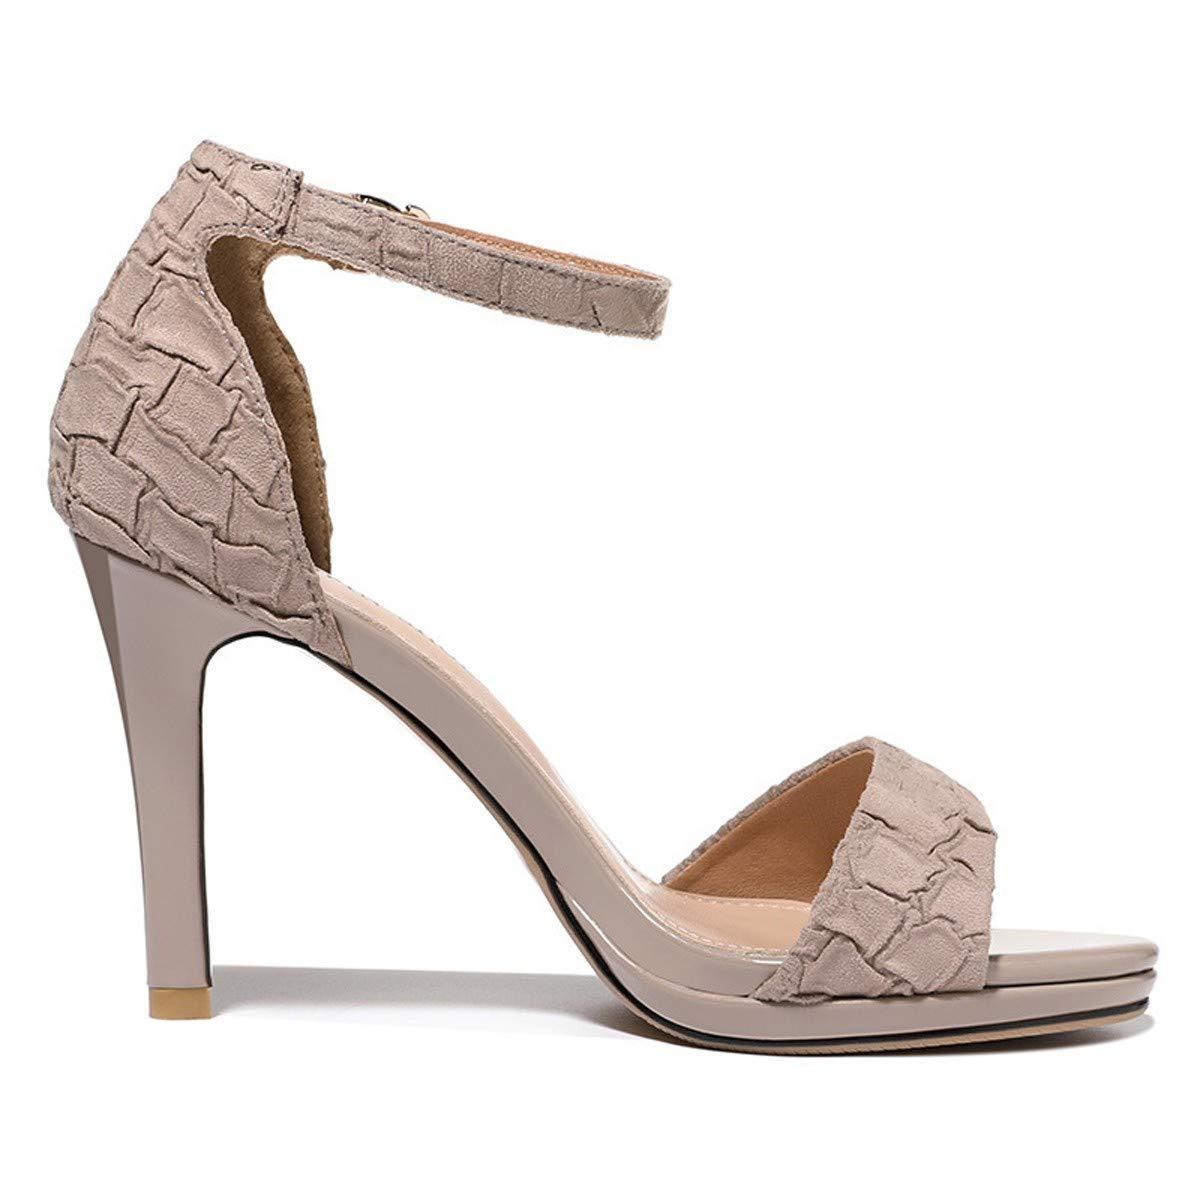 Thirty-six noir SFSYDDY Chaussures Populaires Nouveau Style Sandales été 9Cm Talon Haut Bien Talon 100 Séries